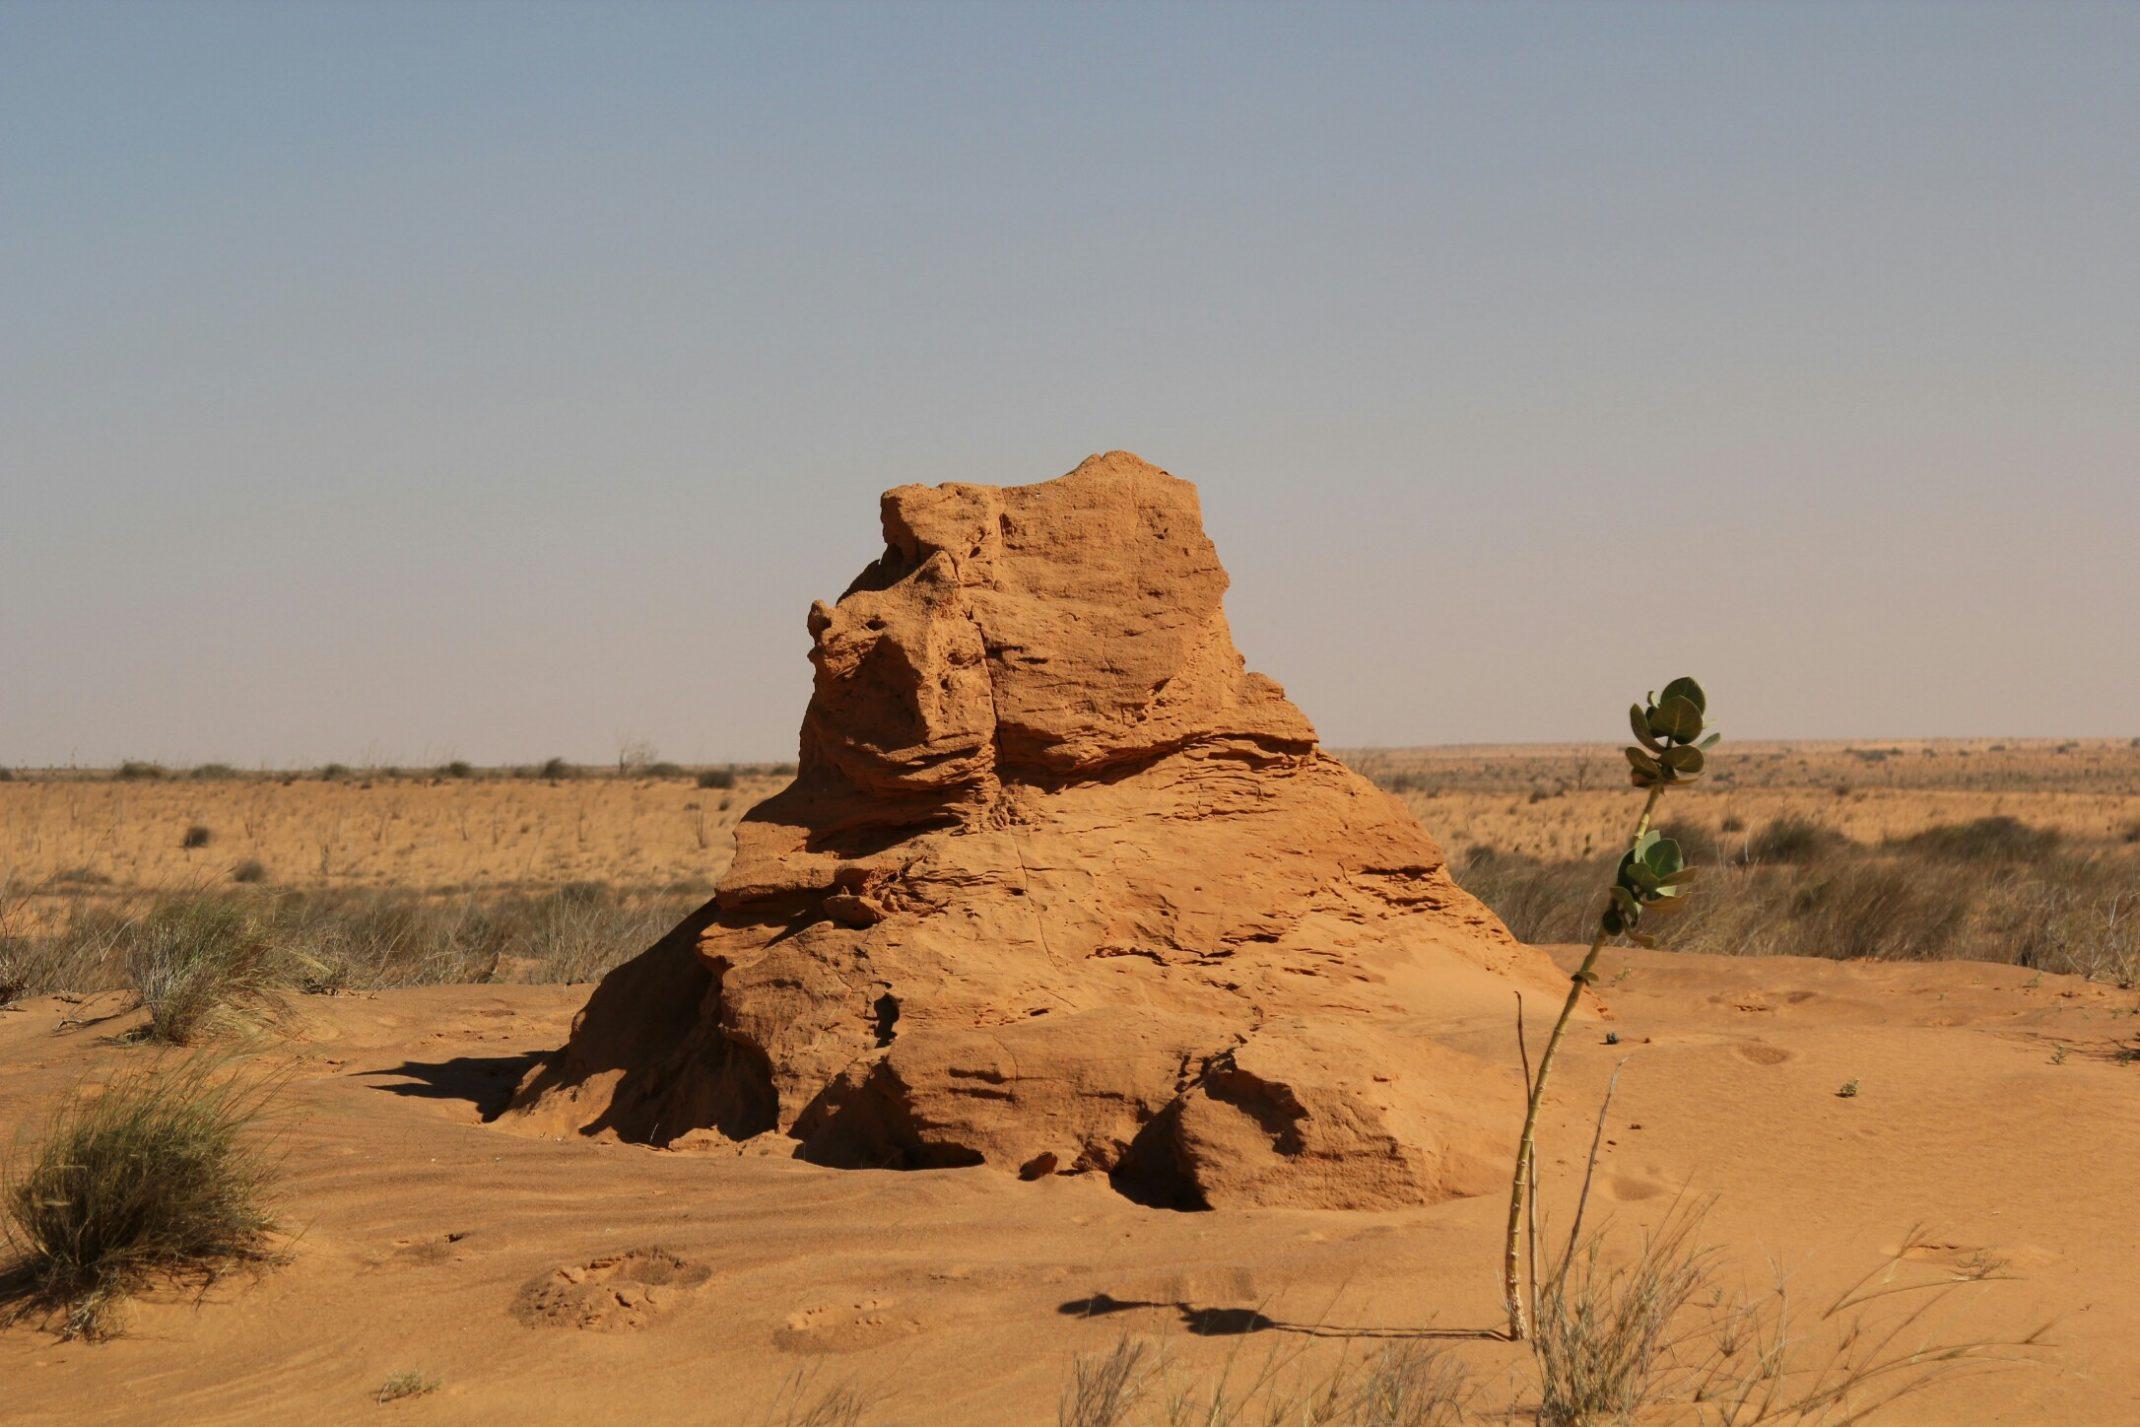 Mauretania.Termitiera wzdłuż drogi prowadzącej do kompleksu turystycznego w  Parku Narodowym Banc d'Arguin.